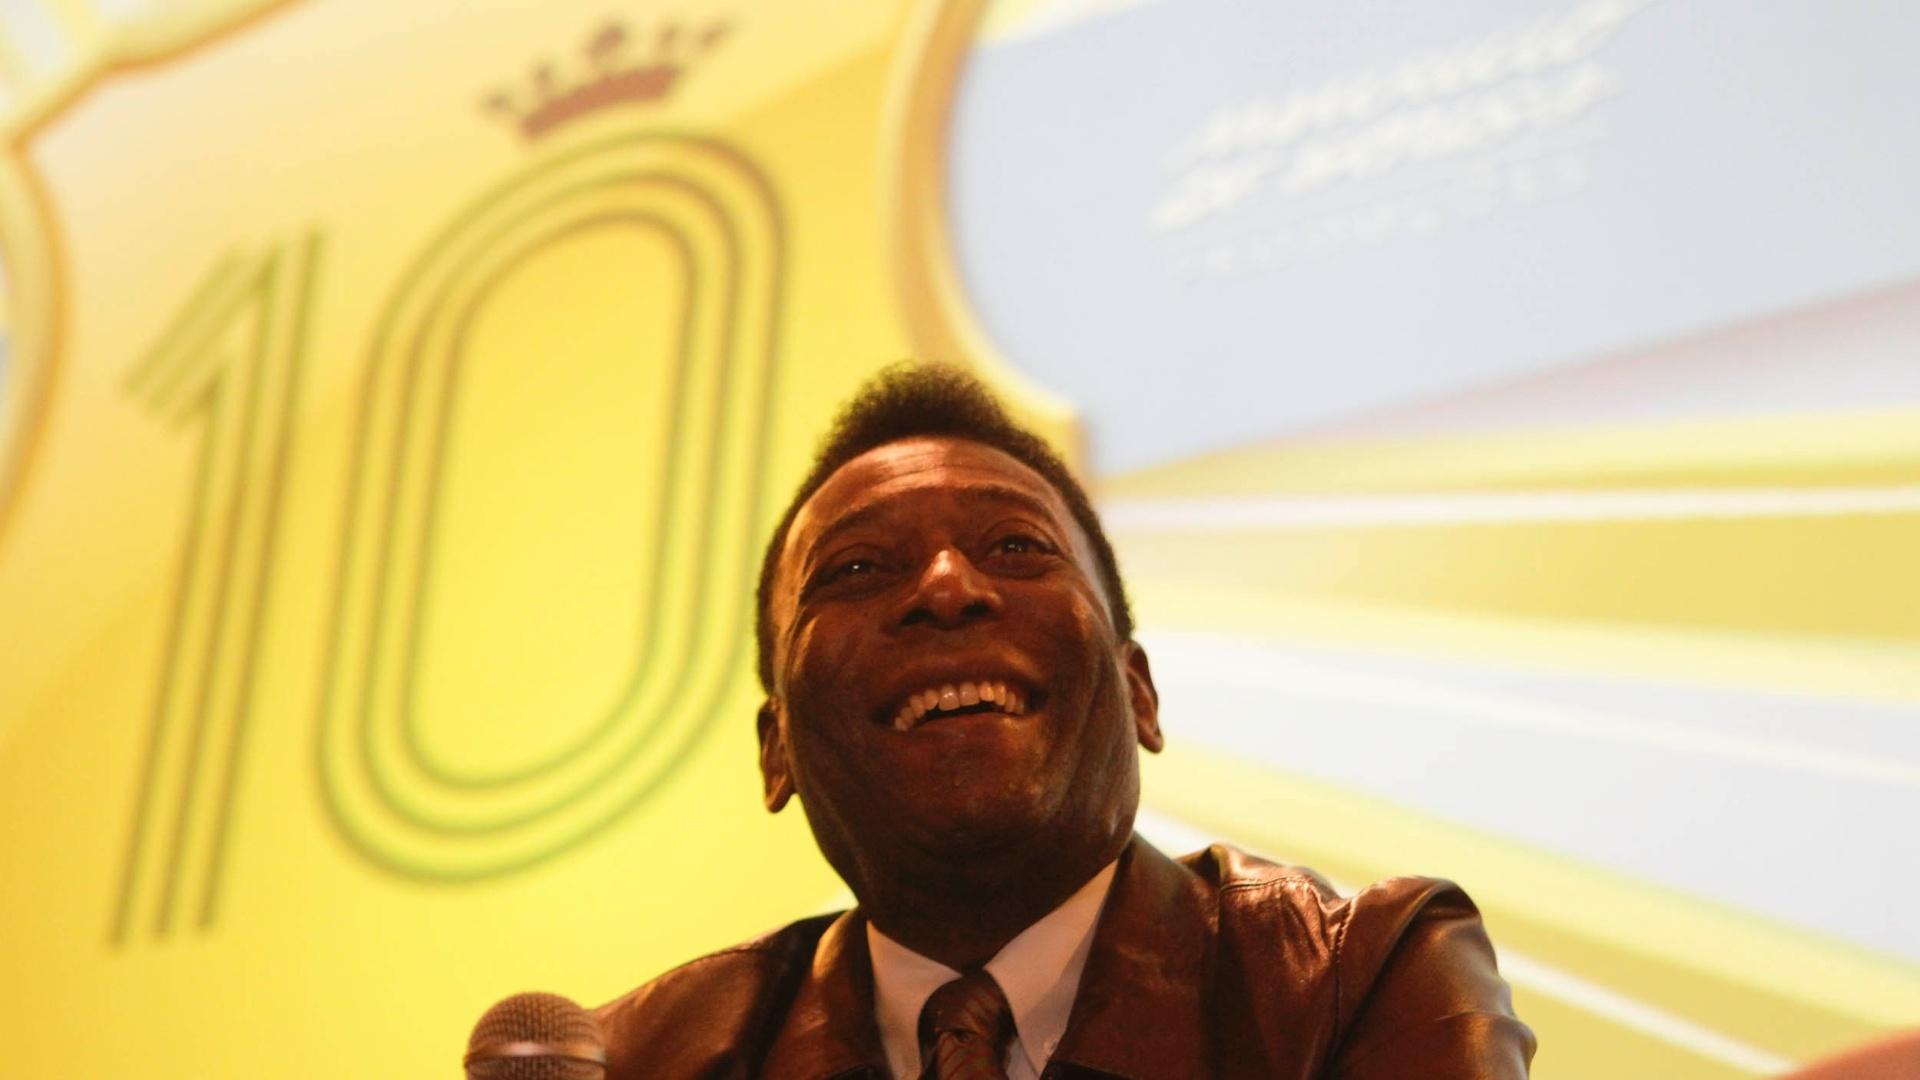 Livro revela mais uma guerra parada pelo Santos e mostra Pelé atuando pelo  Jabaquara - 22 02 2013 - UOL Esporte 9b20fc53d89dc